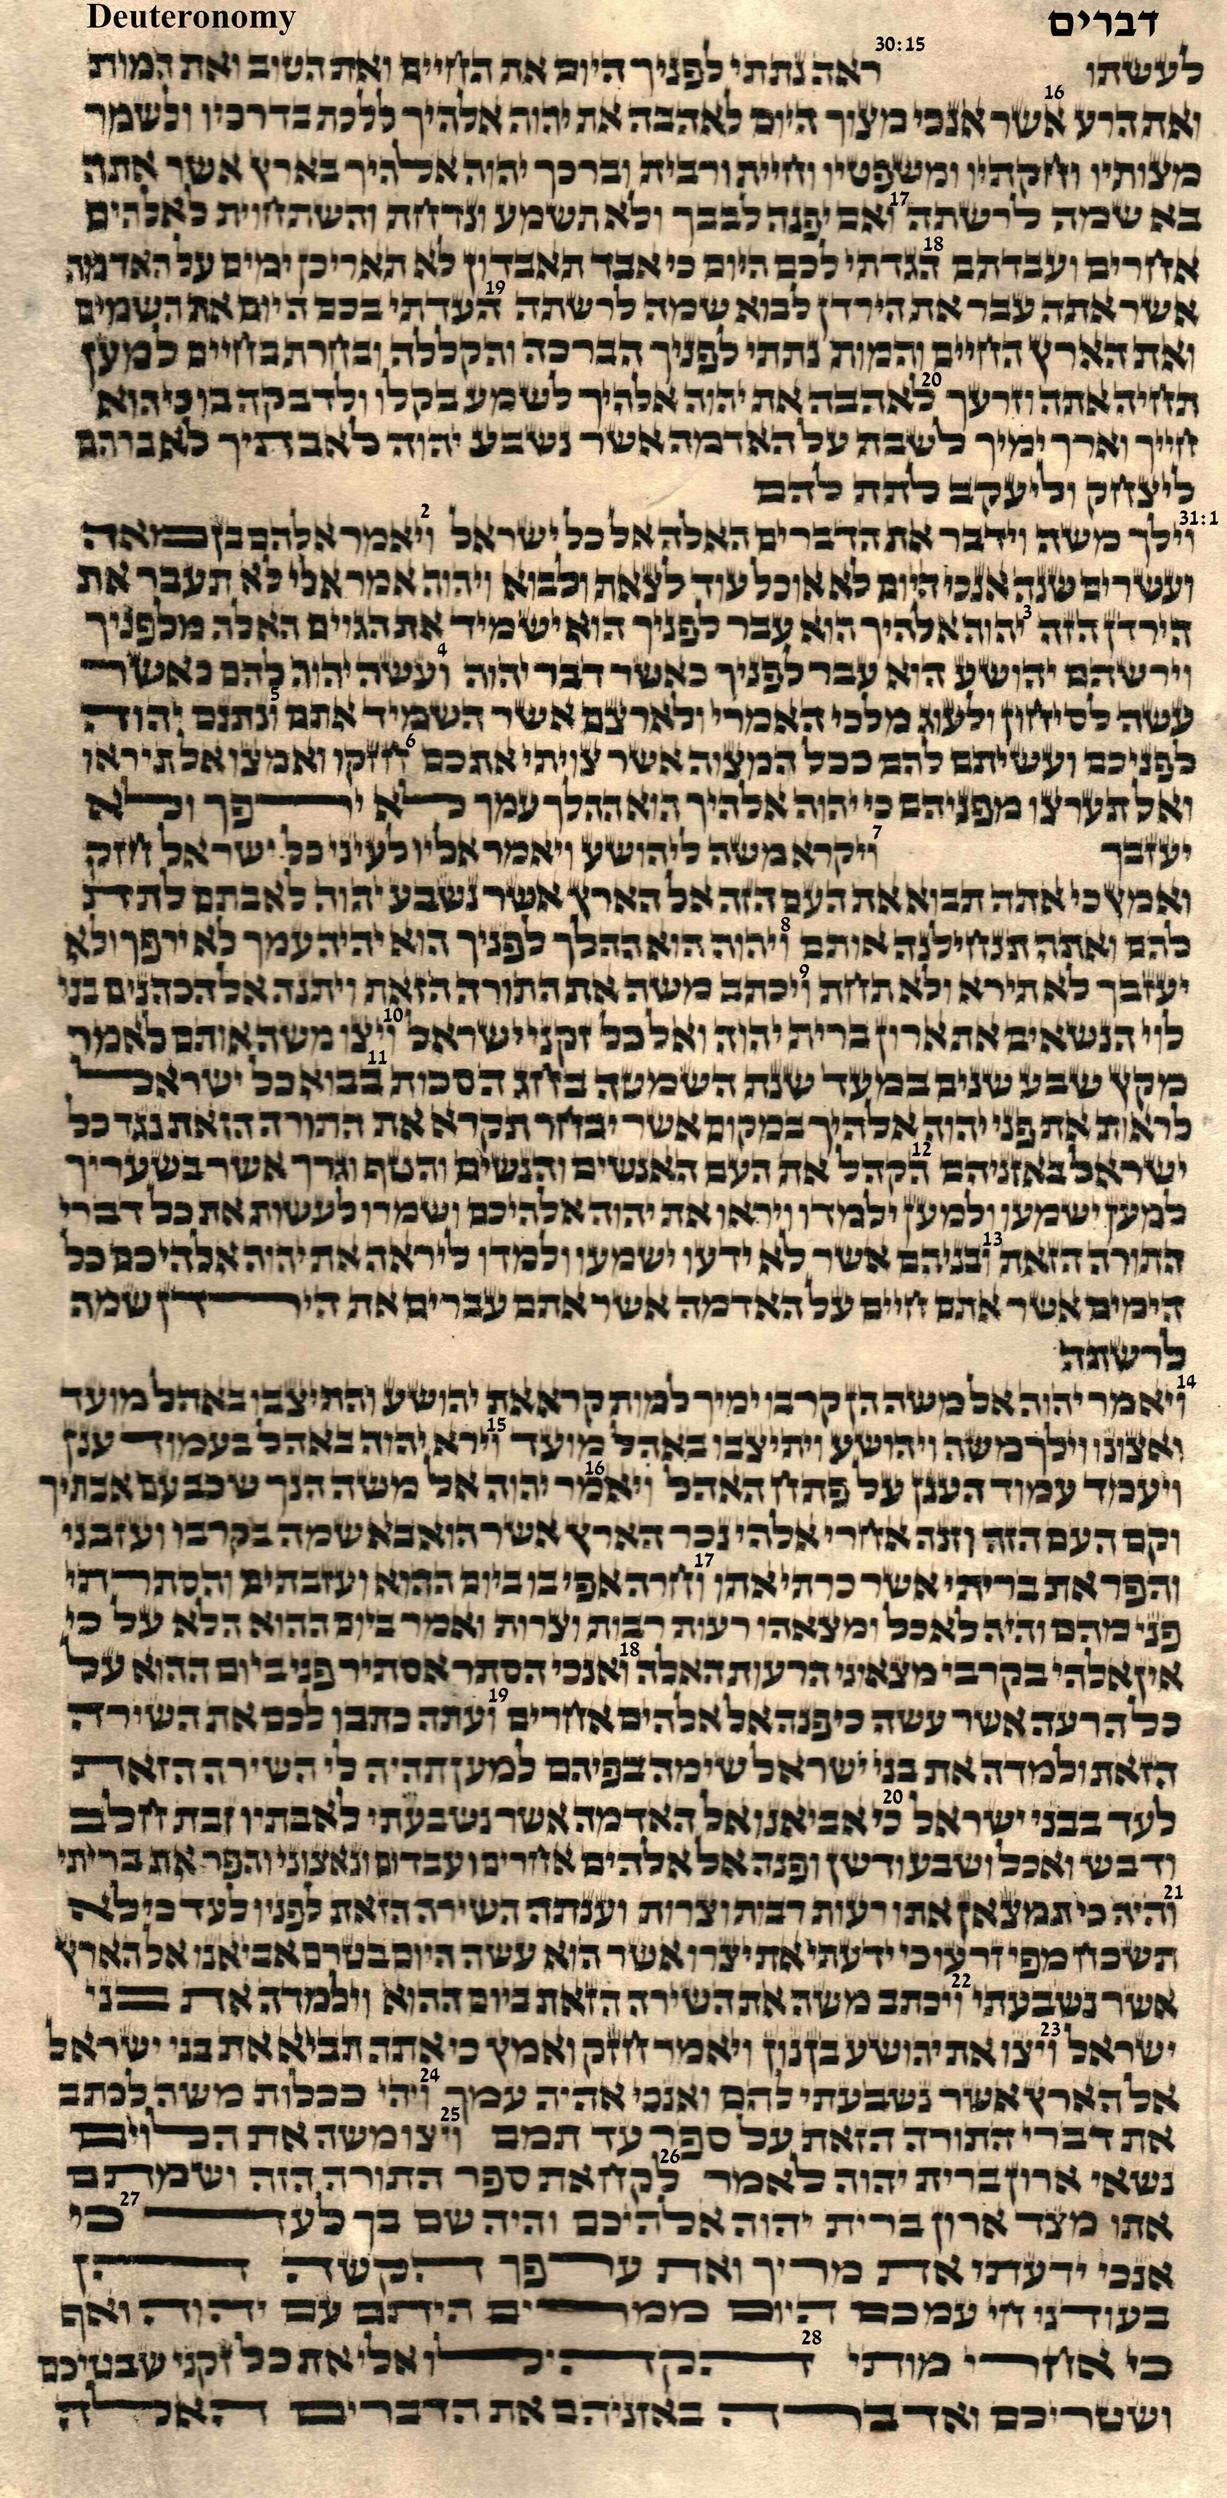 Deuteronomy 30.15 - 31.28